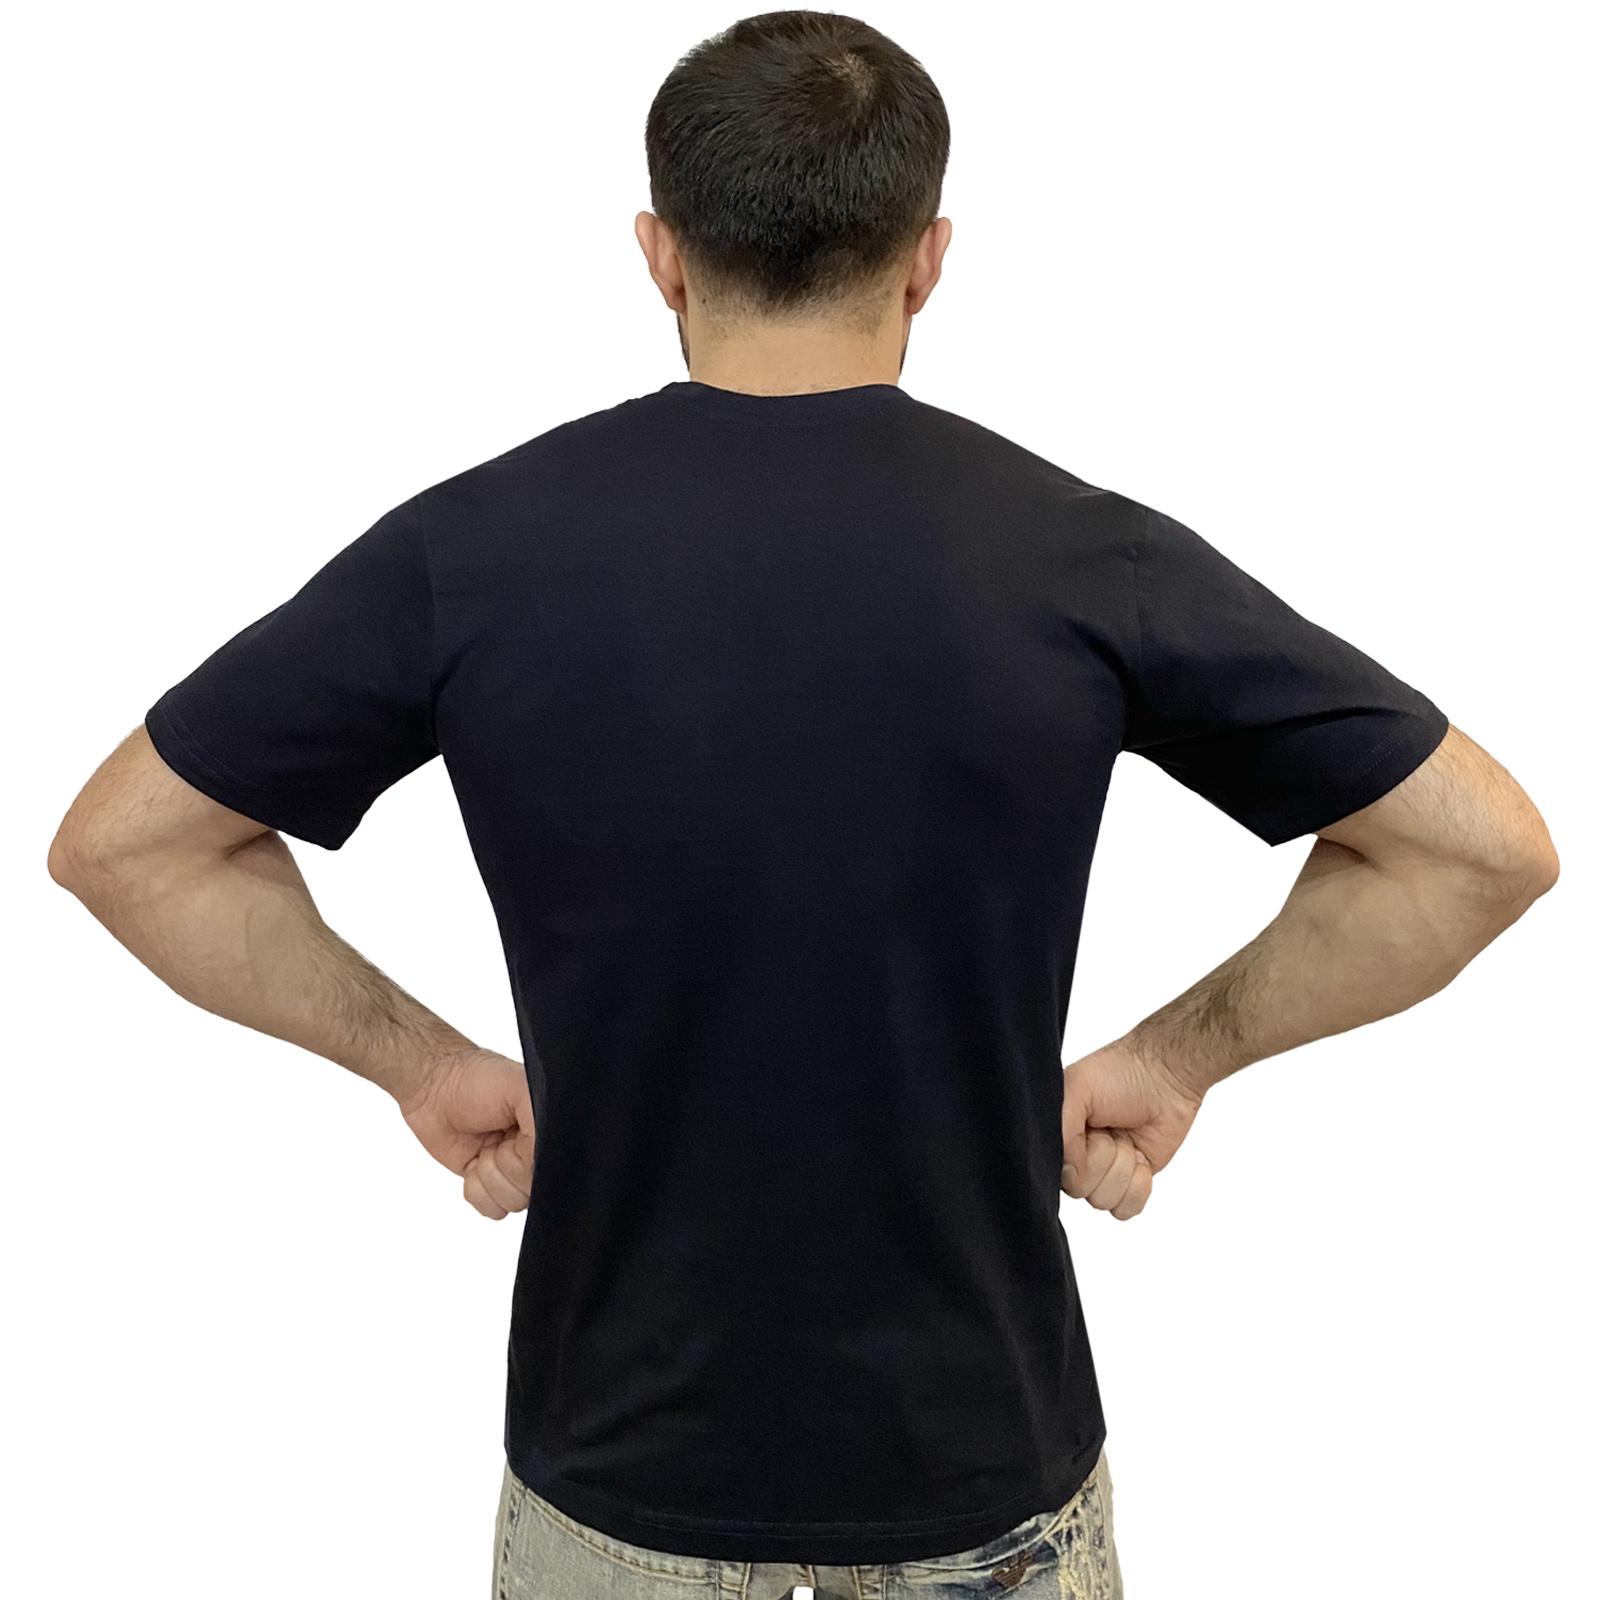 Прикольная мужская футболка Извини, если чё!